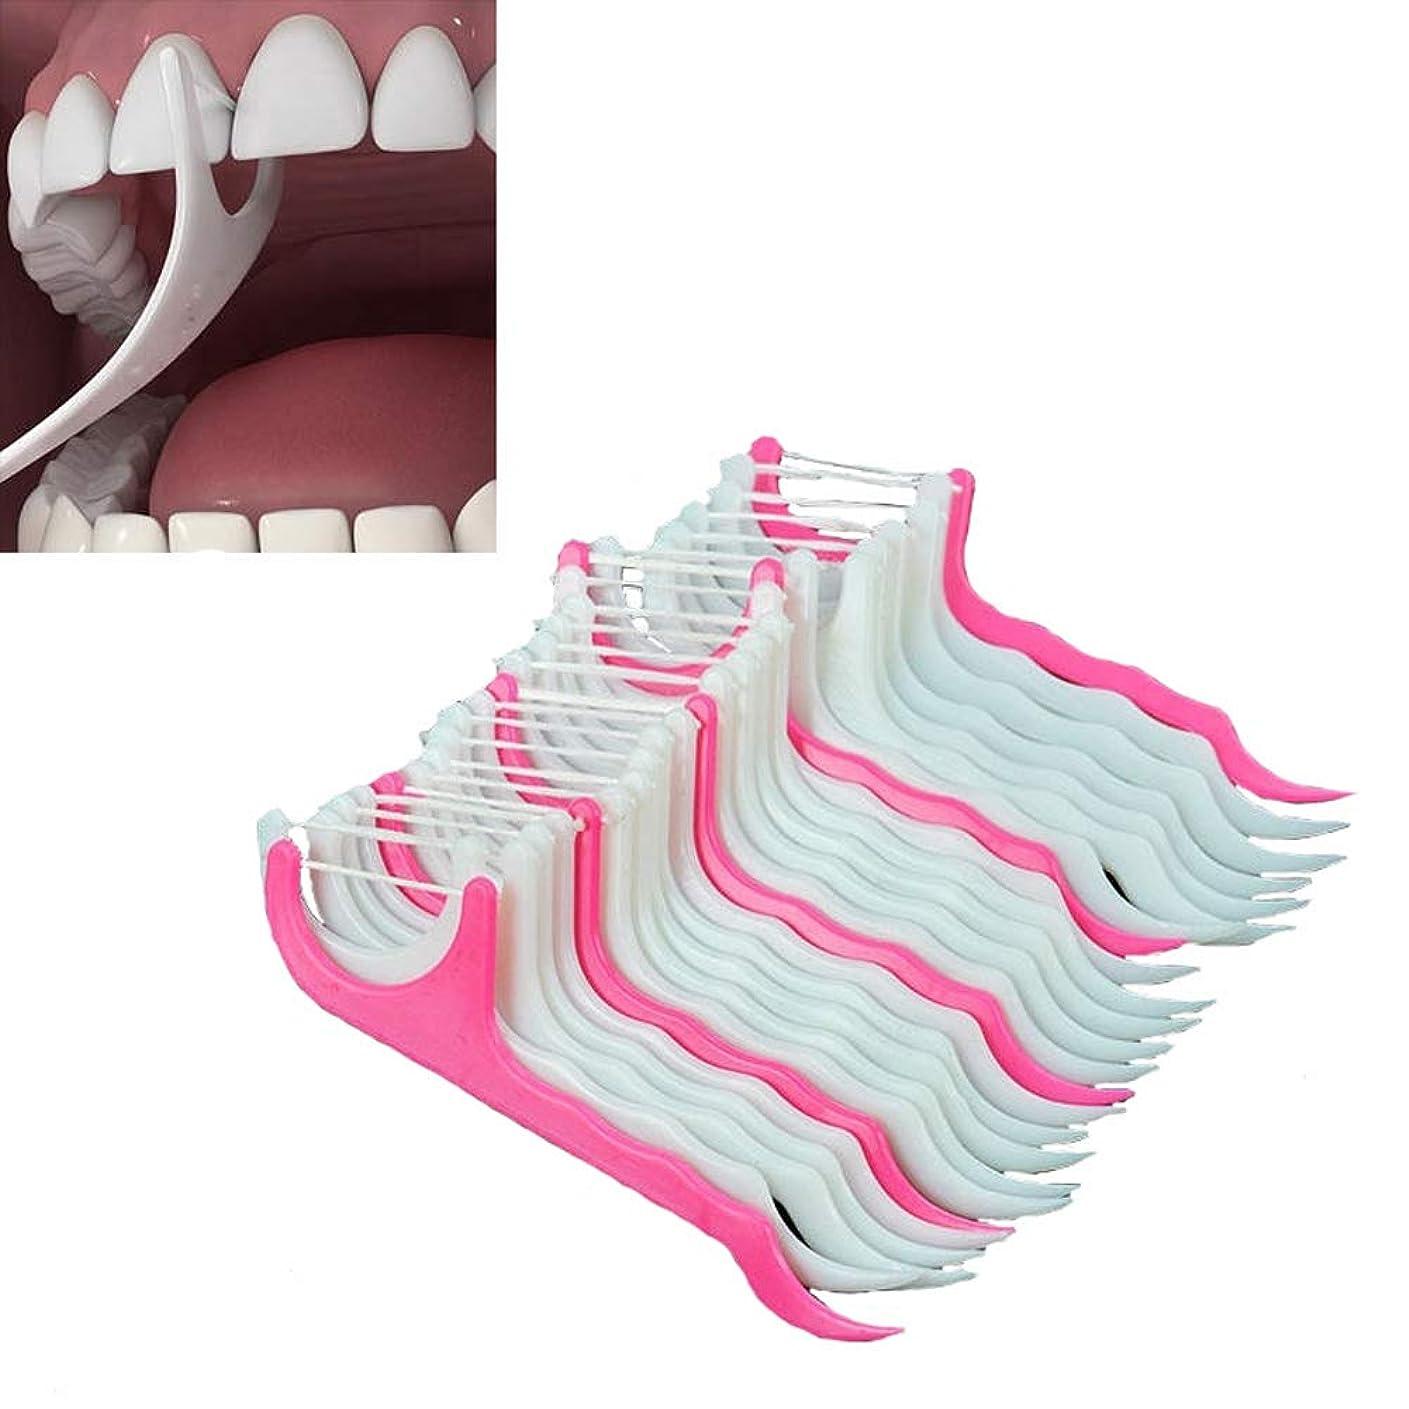 純粋に居住者よろしく200倍のプラスチック製の歯は、口腔ガムの歯のクリーンケアのフロススレッドデンタルフロッサーを選ぶ